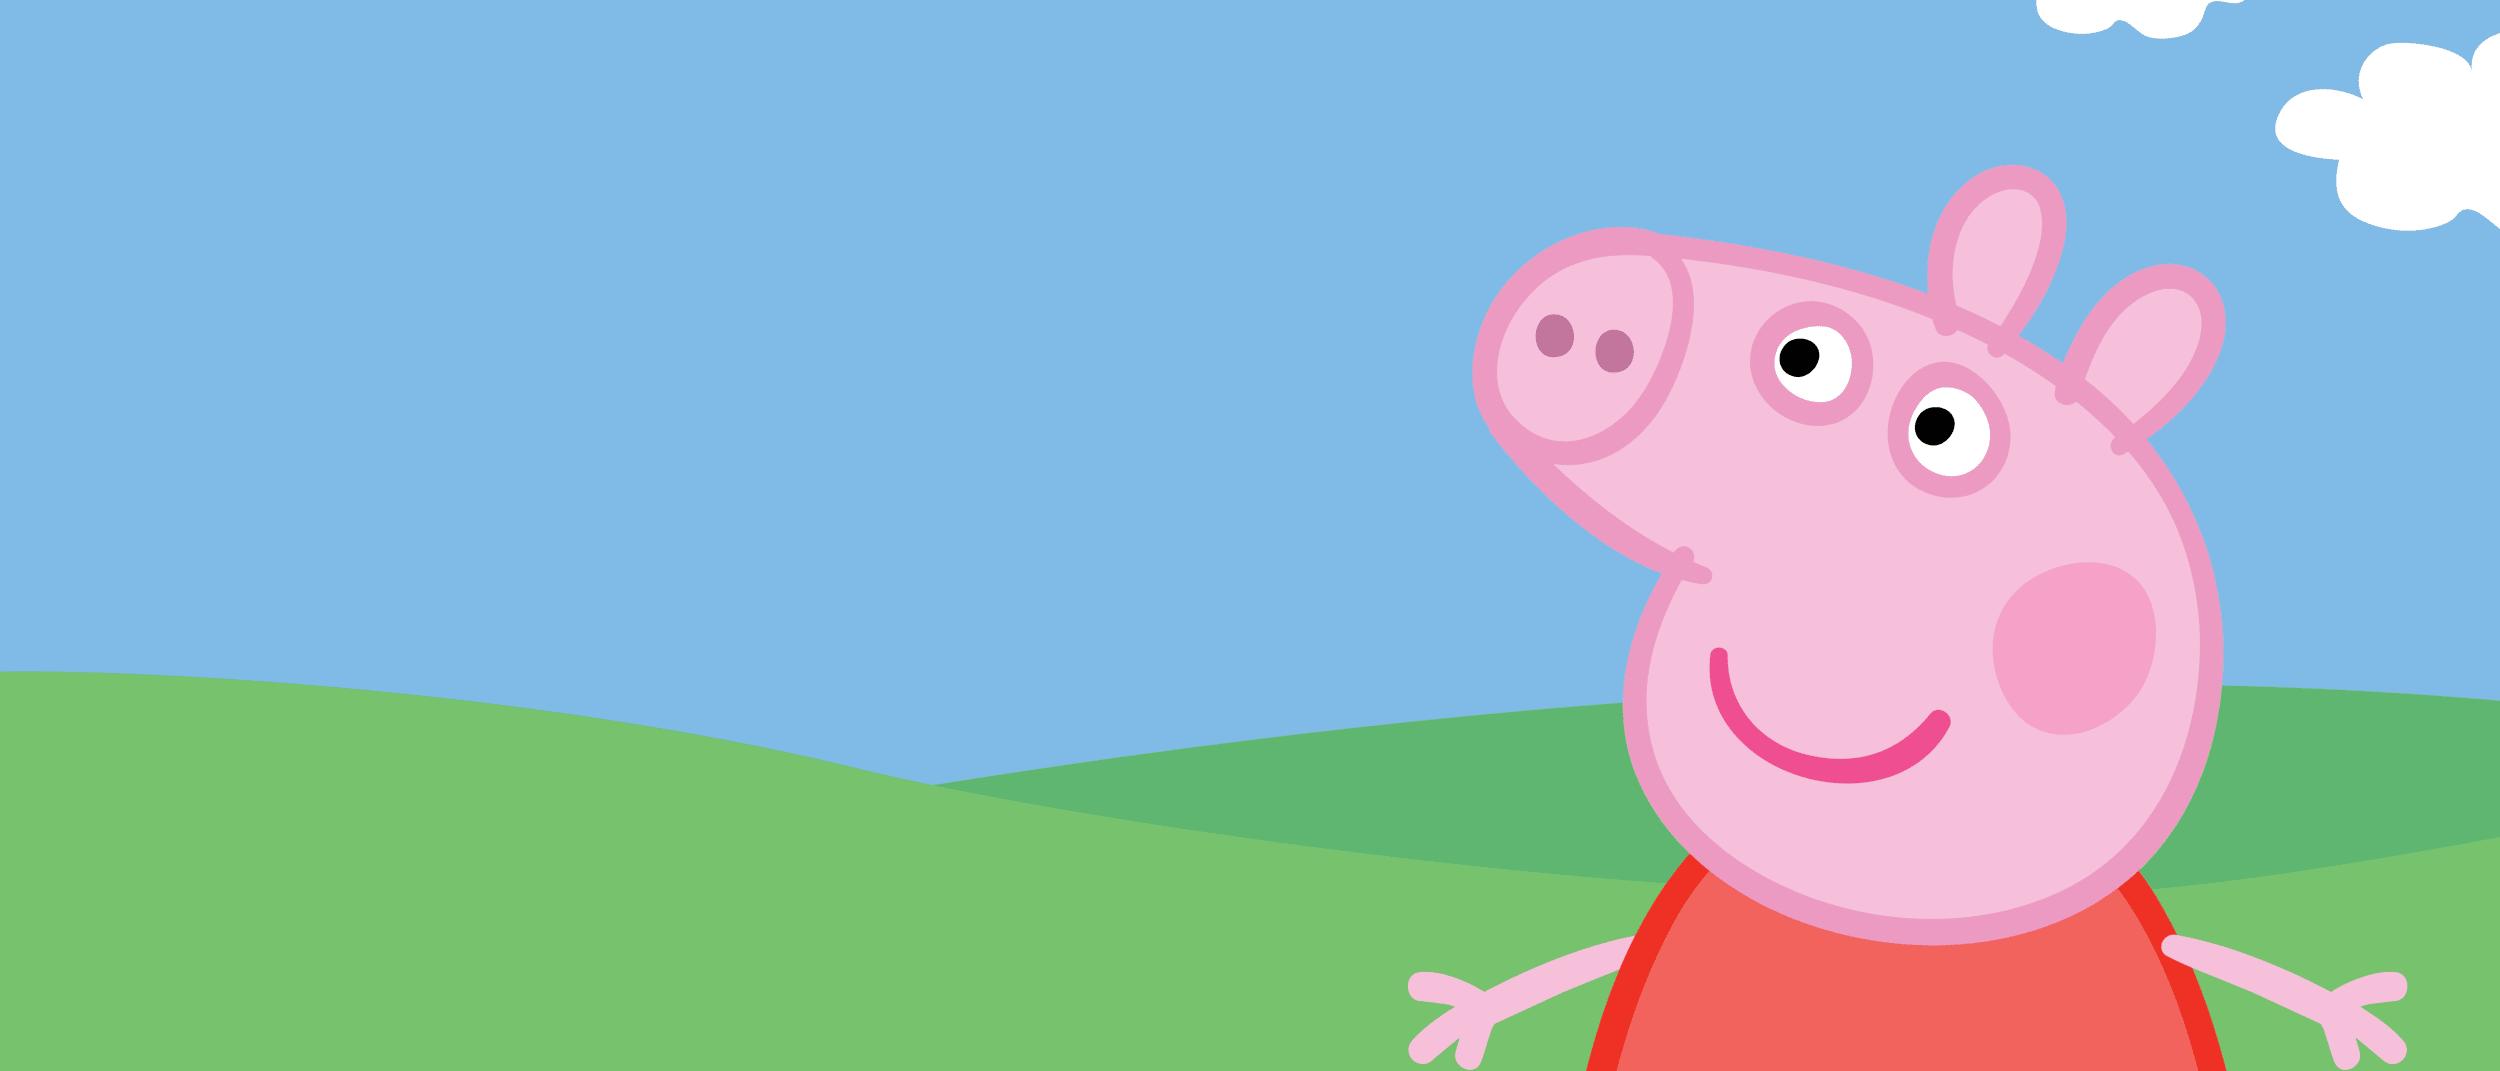 Peppa Pig - Meet & Greet